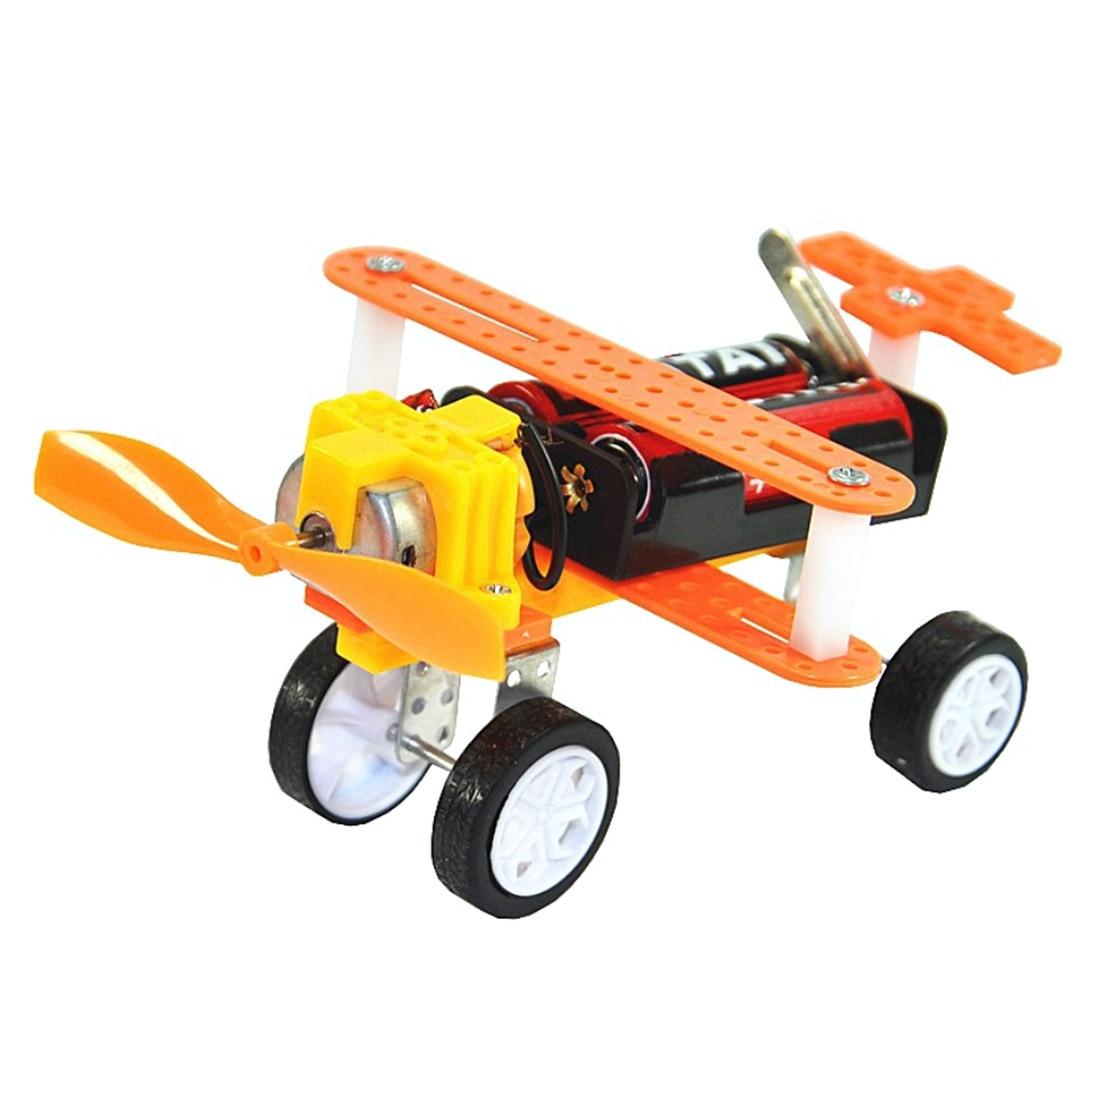 kits-d'experiences-electriques-de-science-physique-pour-enfants-a-moteur-unique-jouets-de-tige-bricolage-kits-de-sciences-educatives-jouets-pour-etudiants